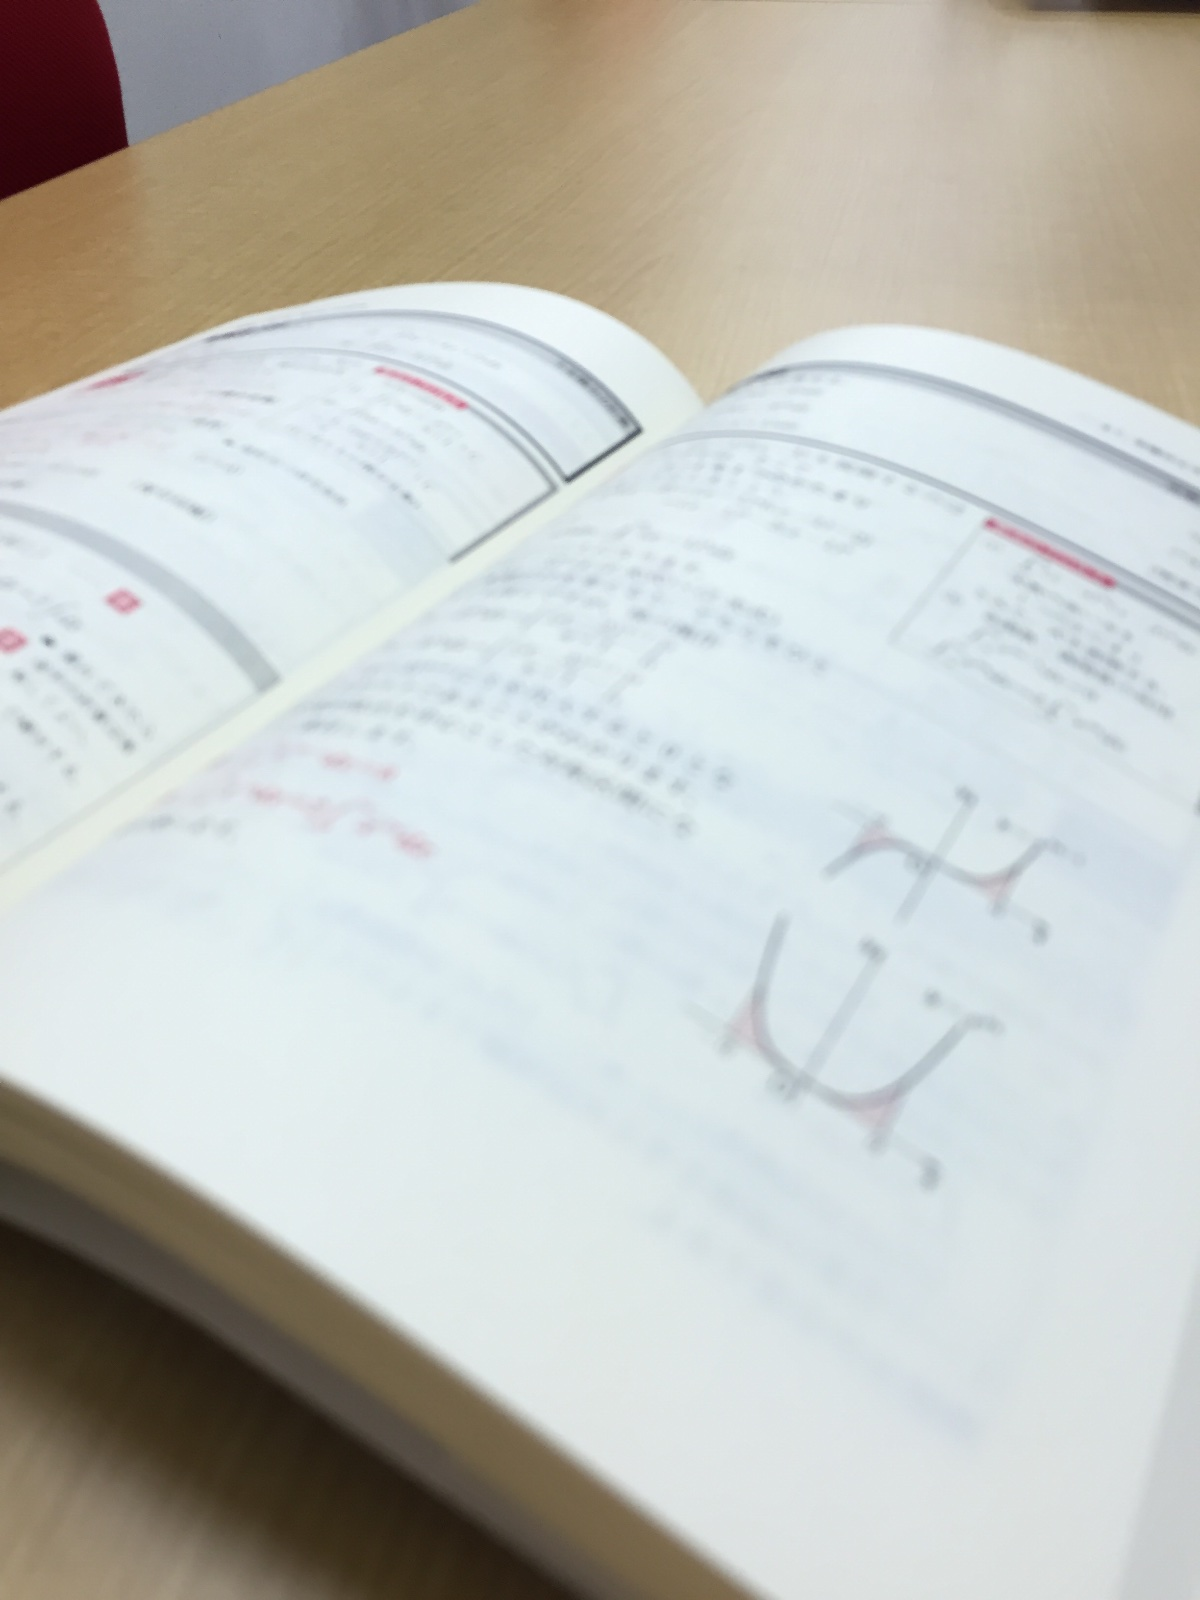 数学の具体的な勉強法第2段階